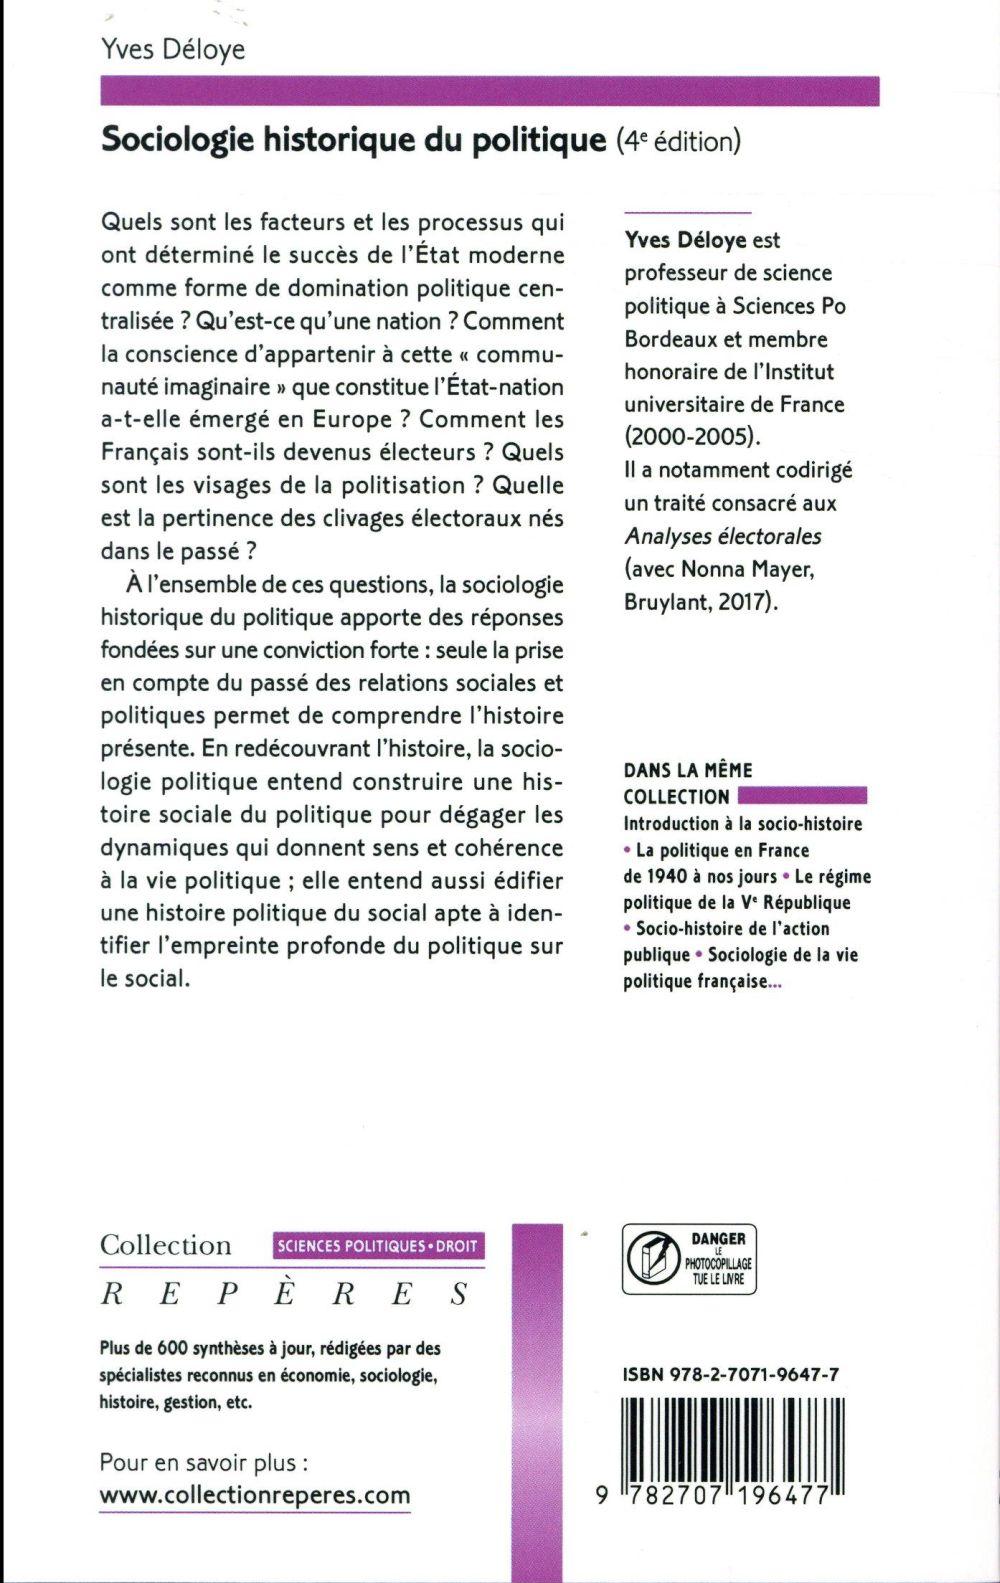 Sociologie historique du politique (4e édition)